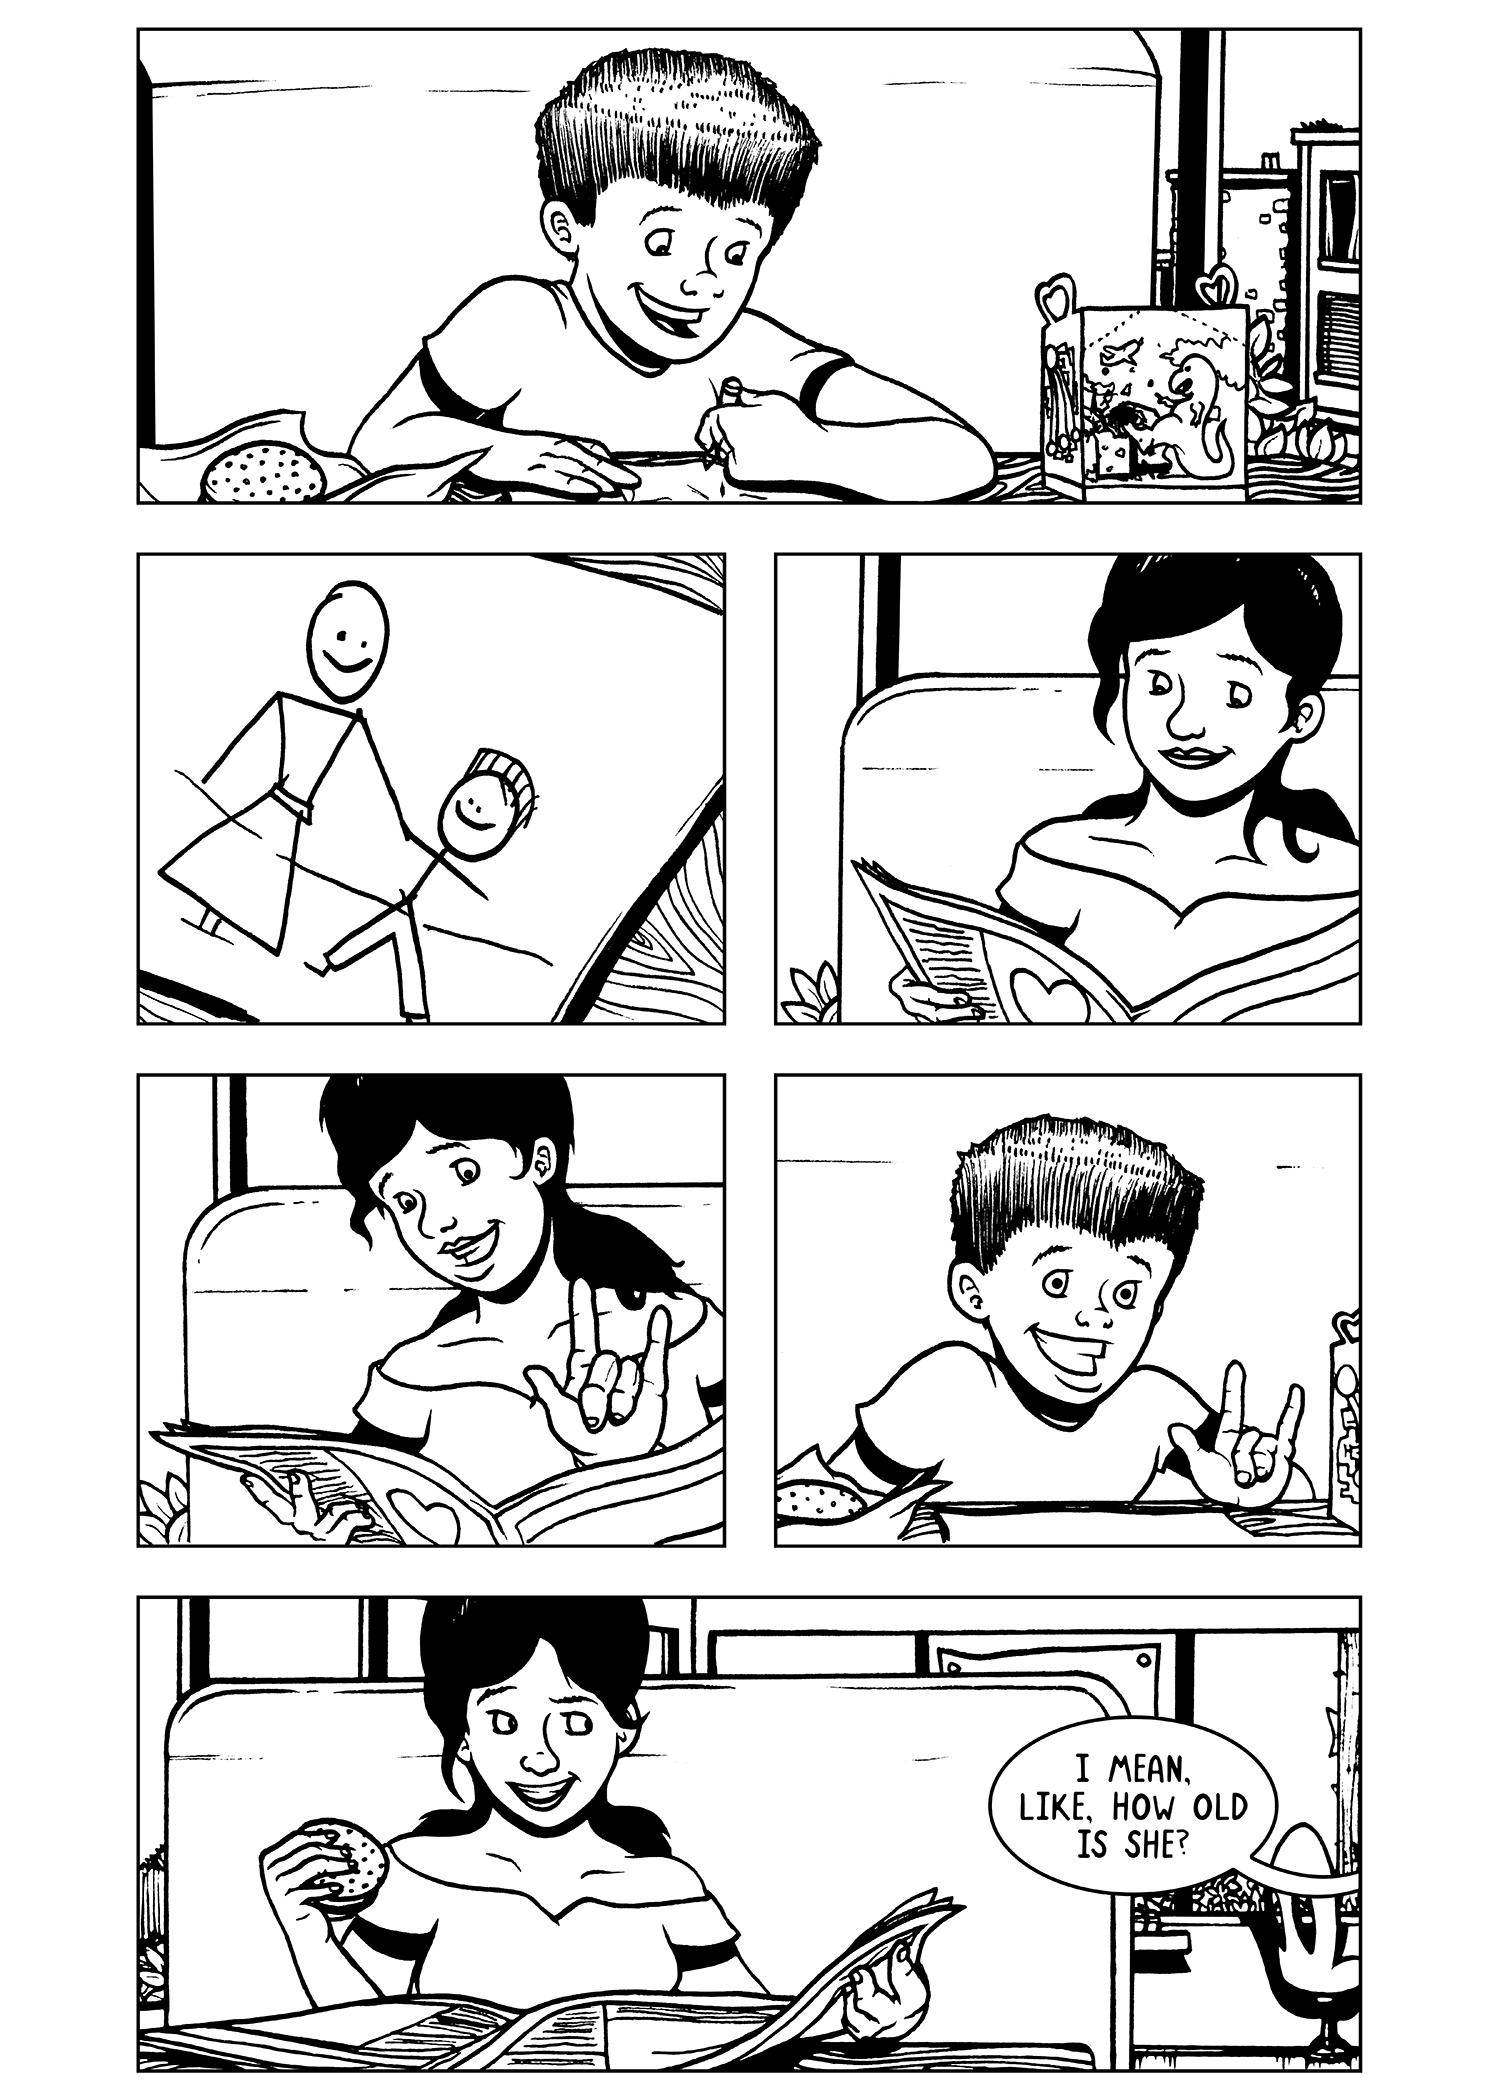 QWERTY_comic_07